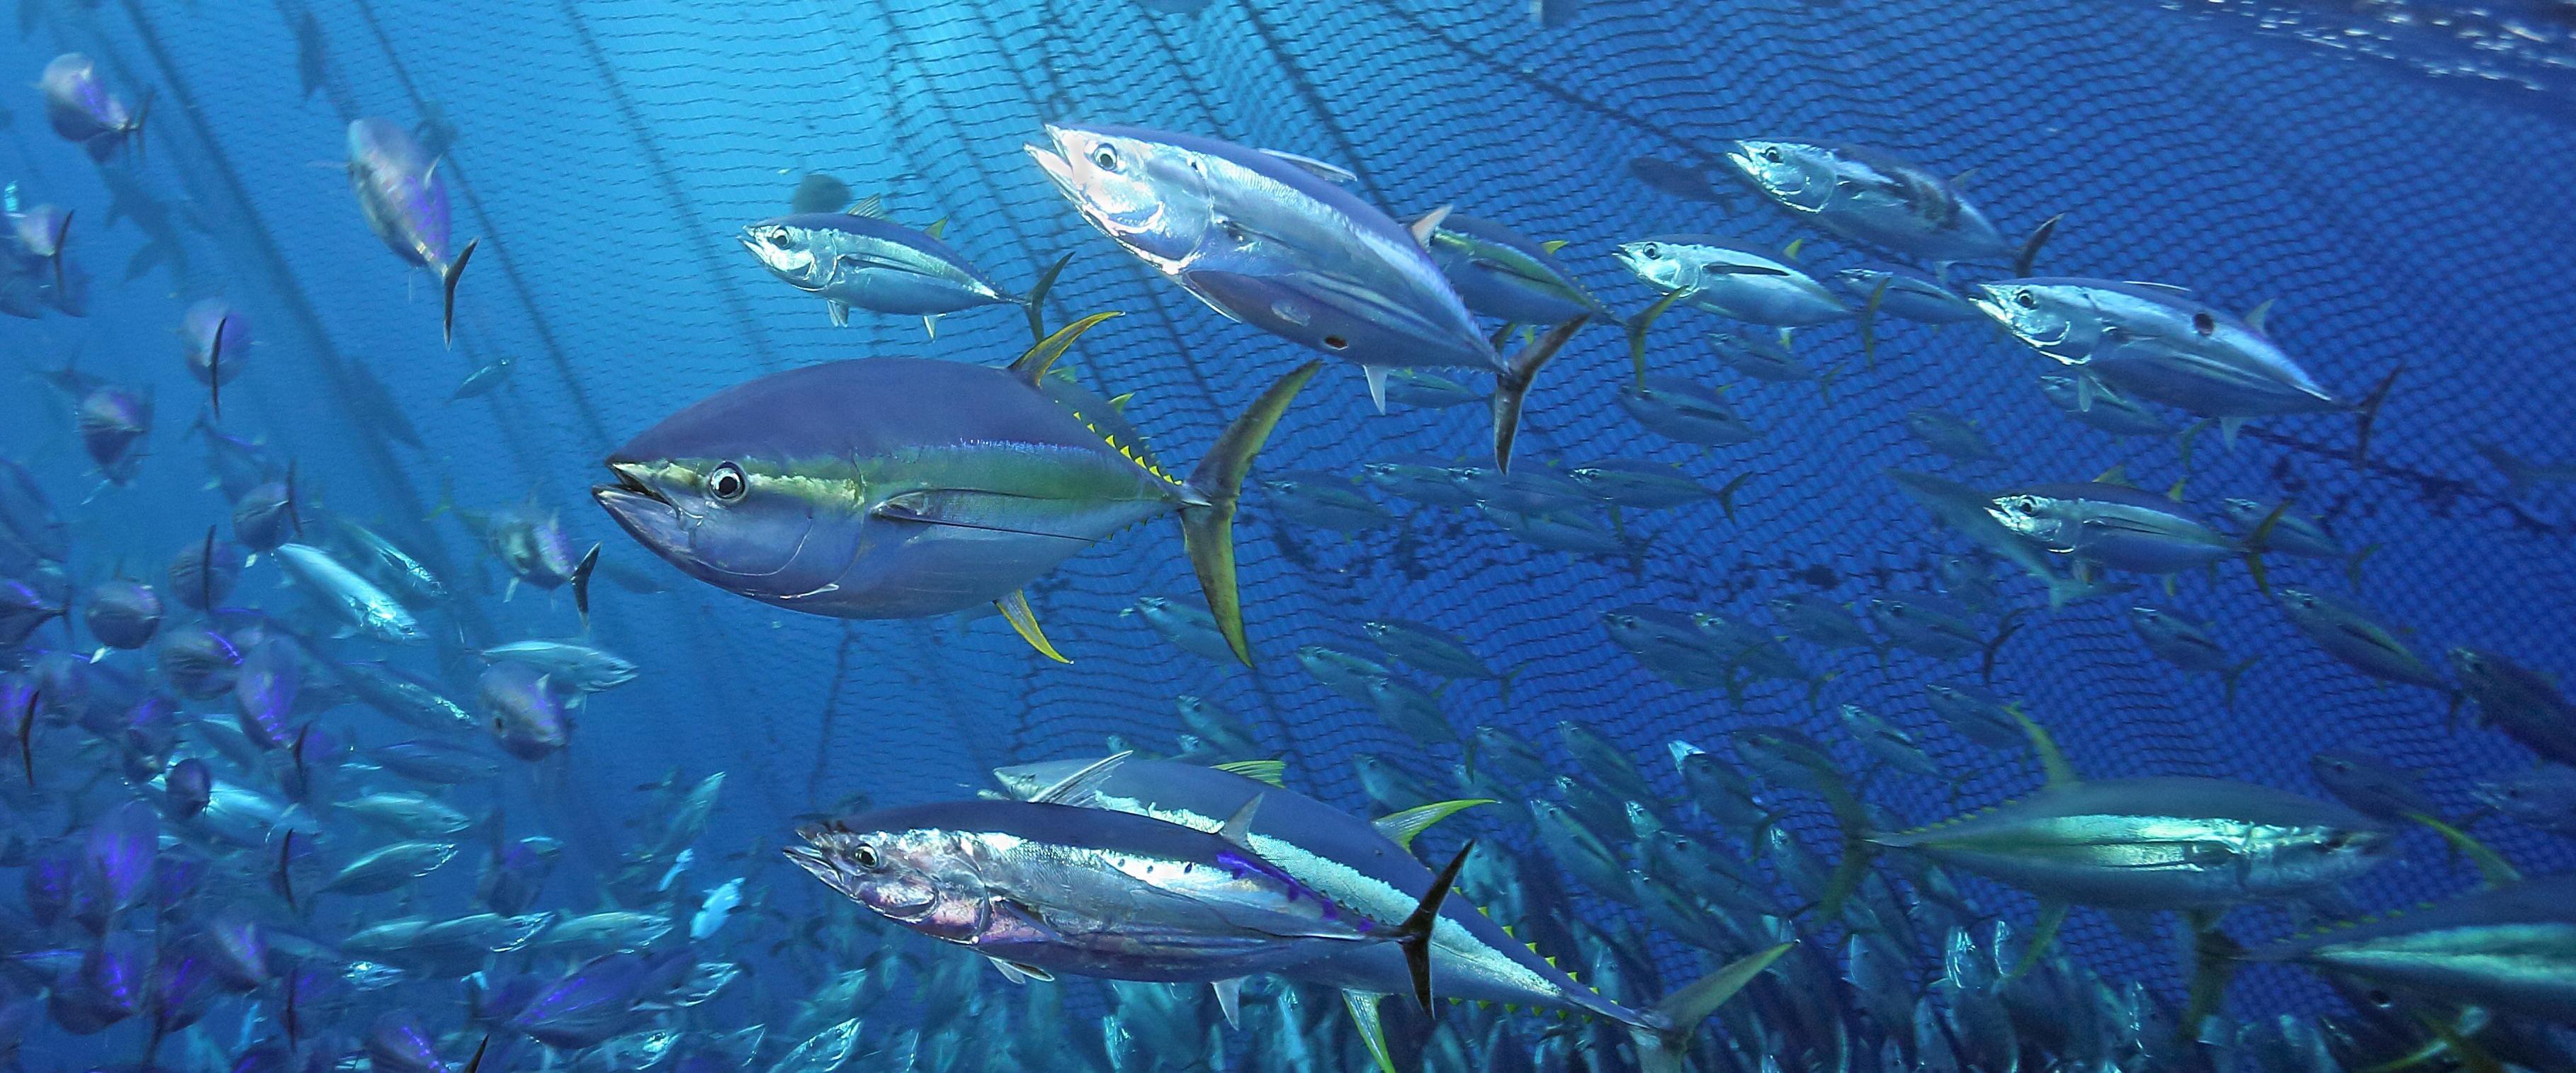 El atún, muy apreciado en la cocina, y la lucha con la sobrepesca